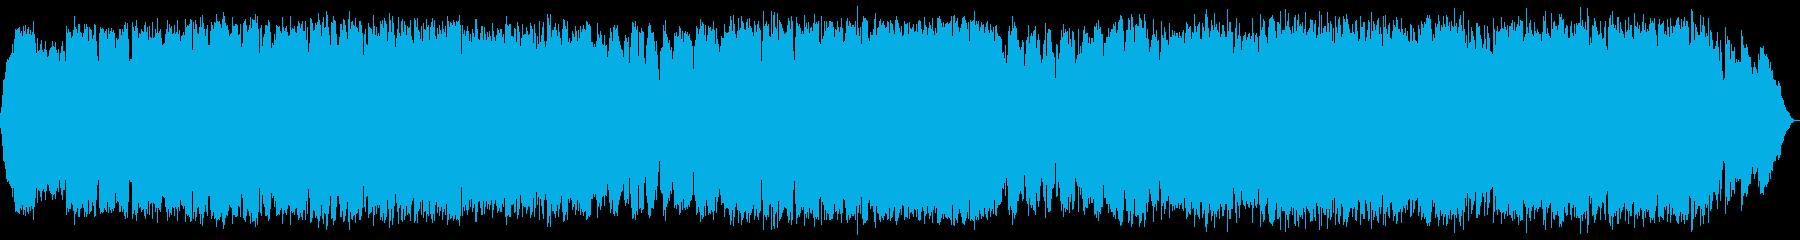 エスニックな竹笛の静かでリズミカルな音楽の再生済みの波形